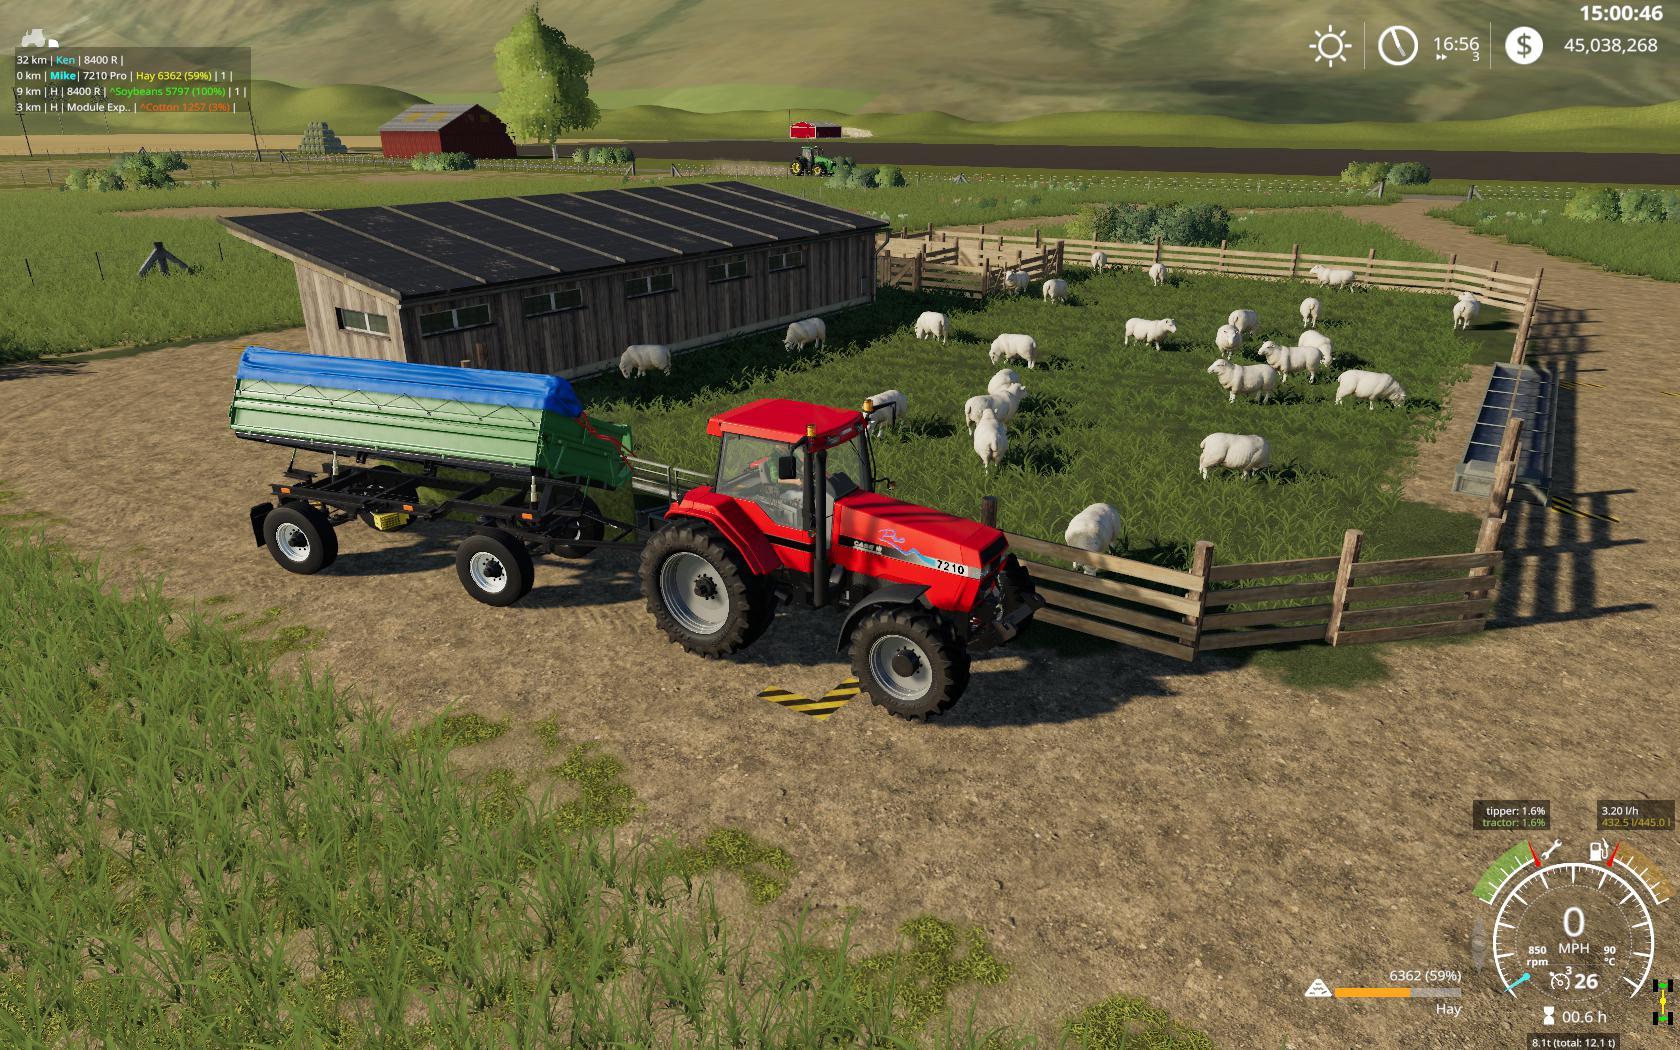 Jones Dairy Farm v1 2 - Modhub us